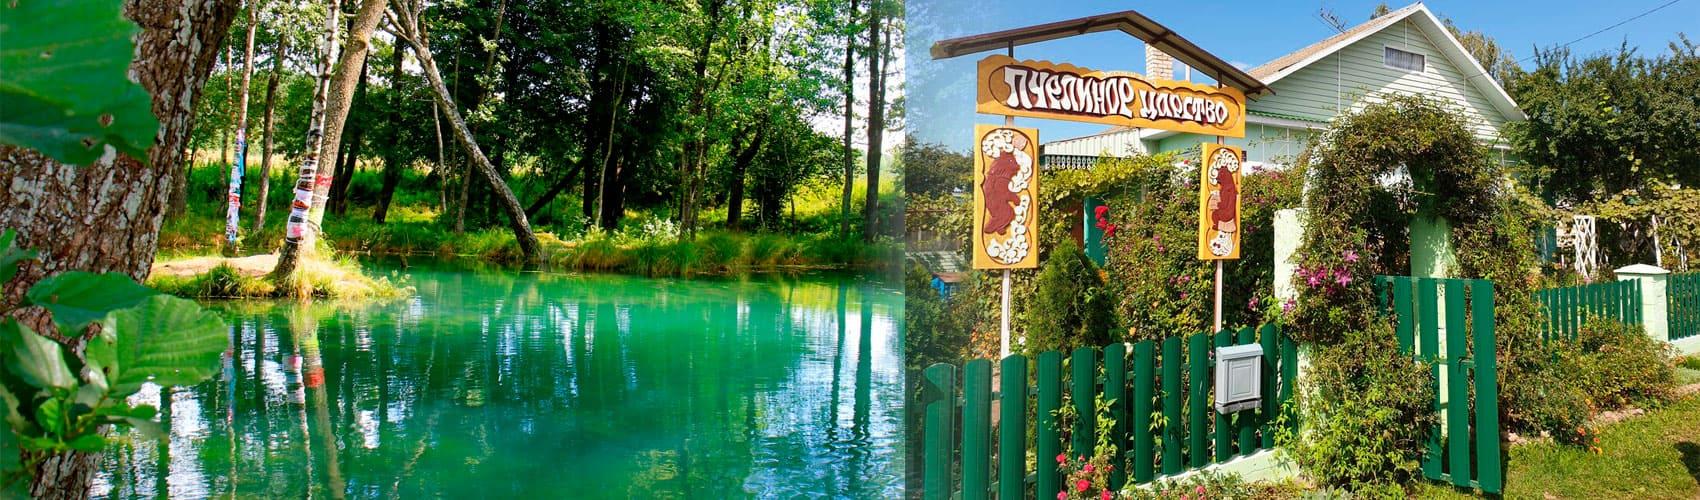 «Большая история маленького города», Славгород — Голубая криница — Пчелиное царство